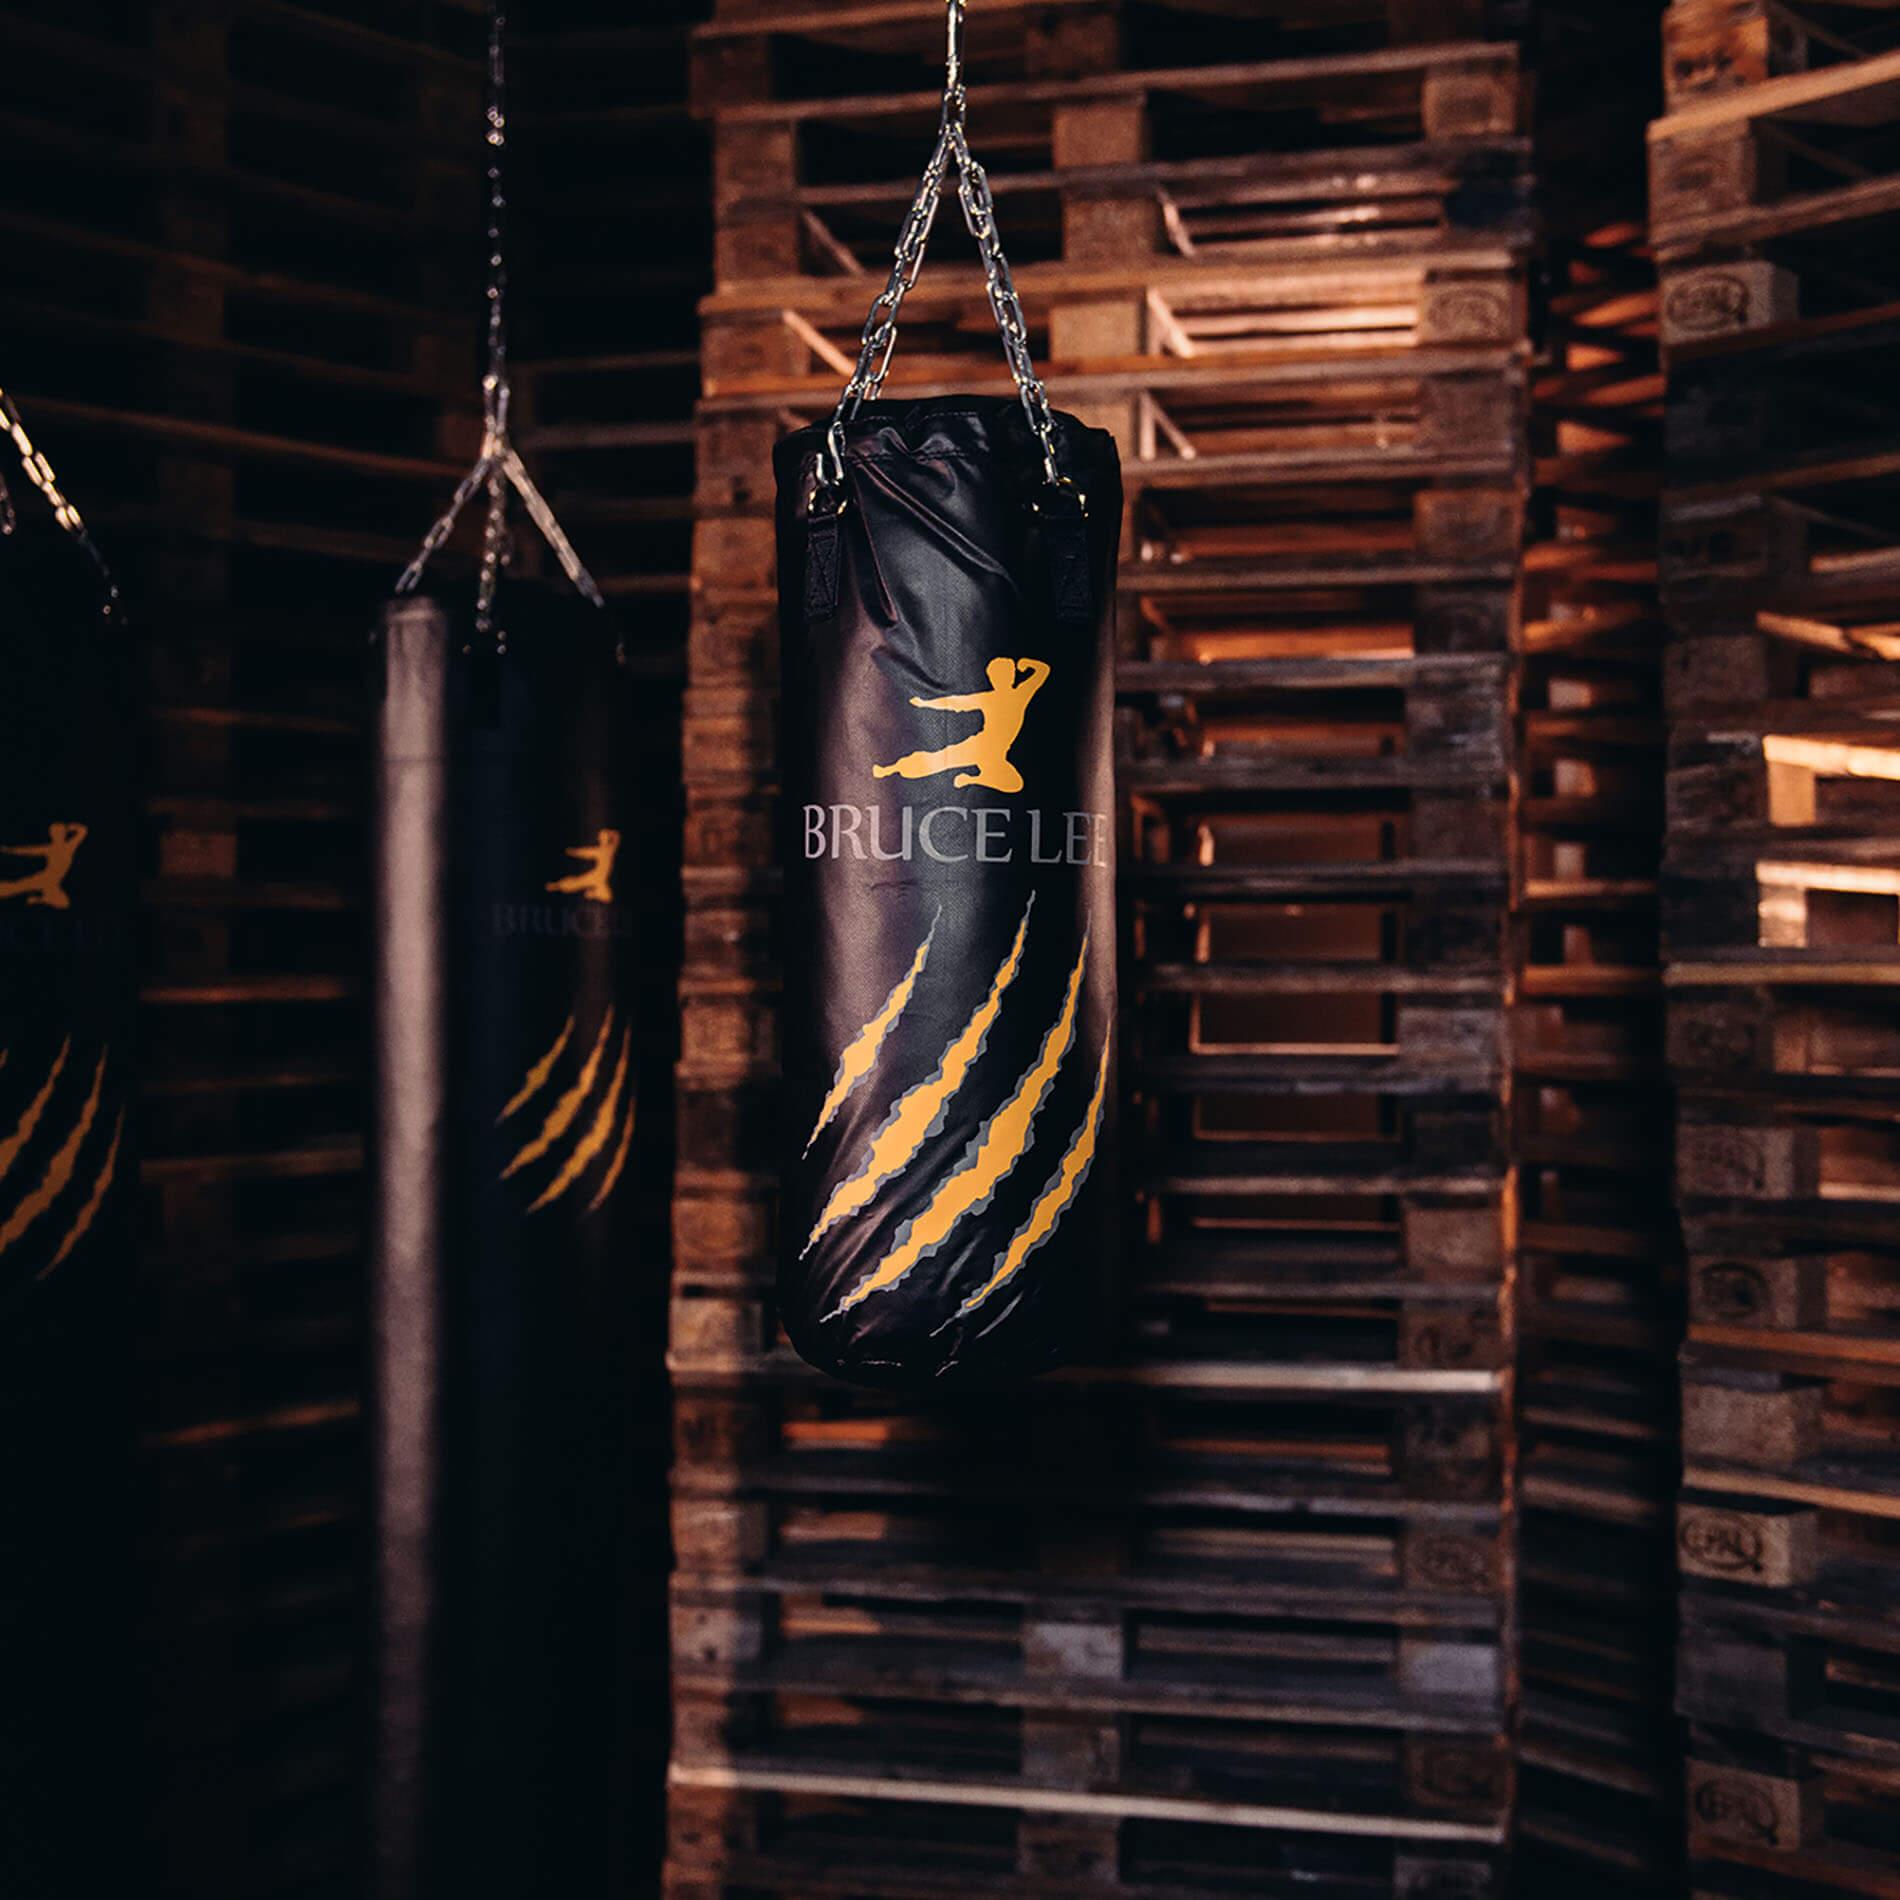 Bruce Lee Bokszak - Incl Kettingset (70 - 180 cm) - 70 cm